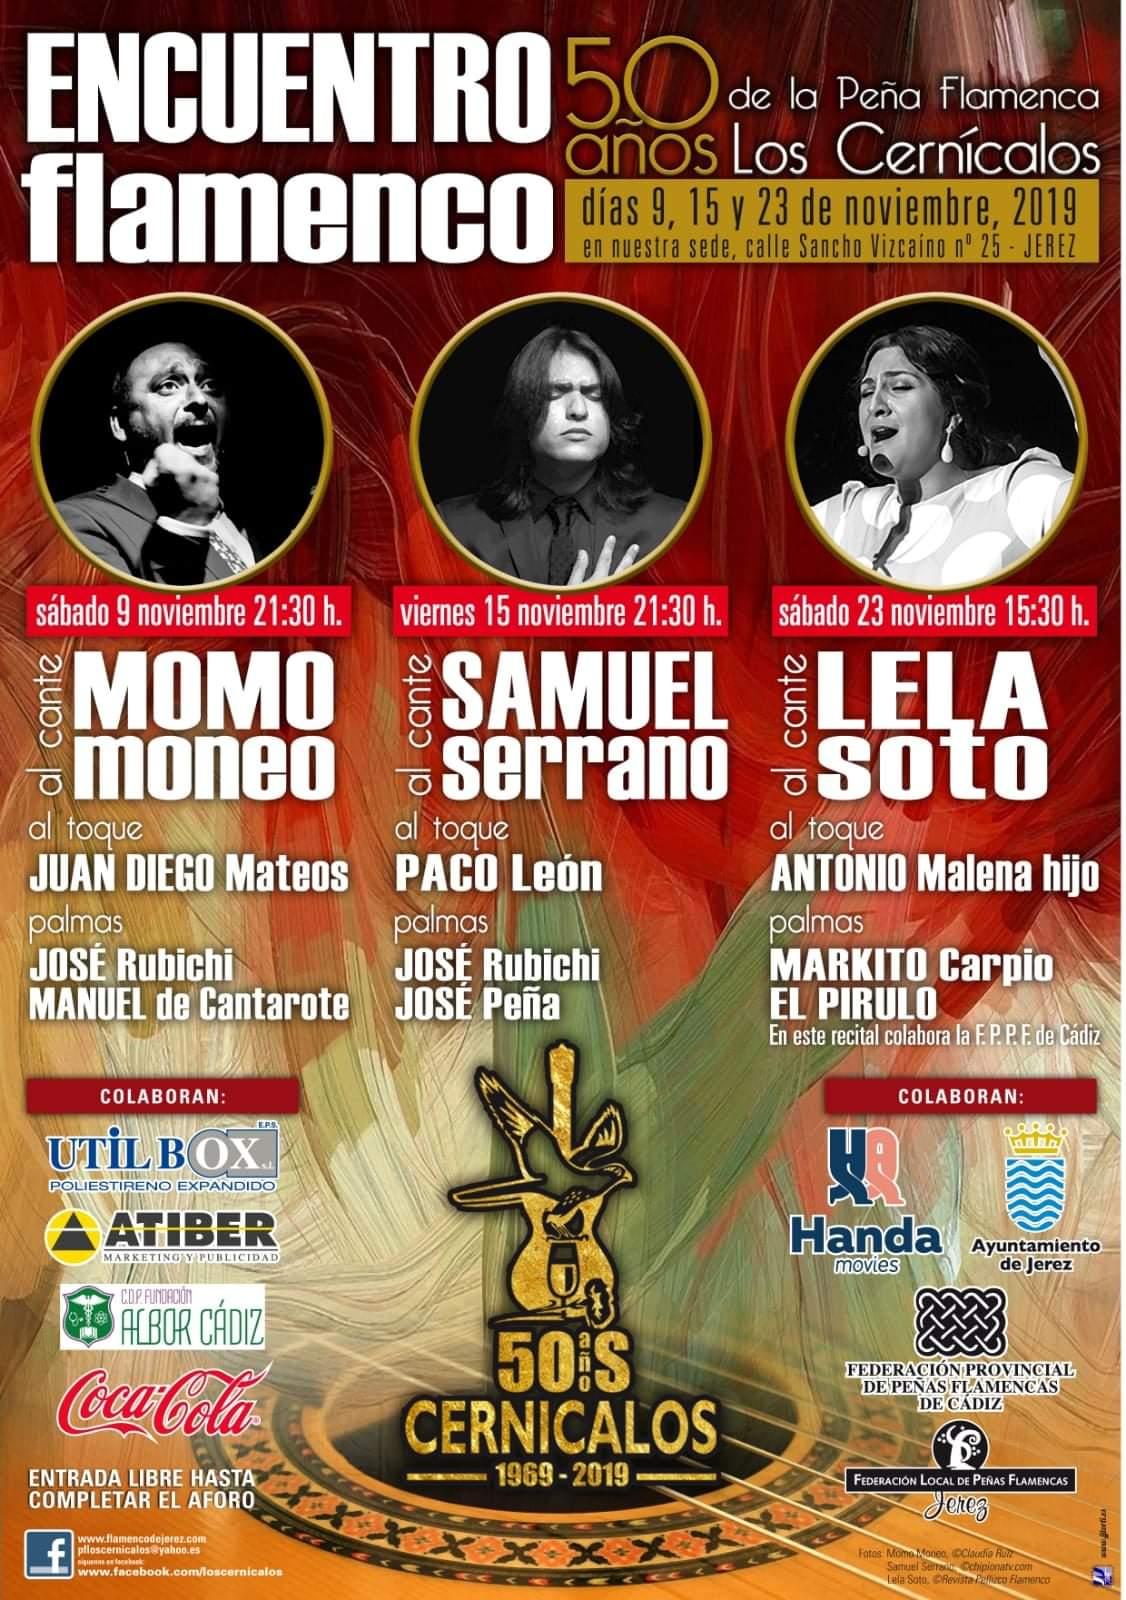 Schedule of Flamenco shows at Peña Los Cernicalos in November.